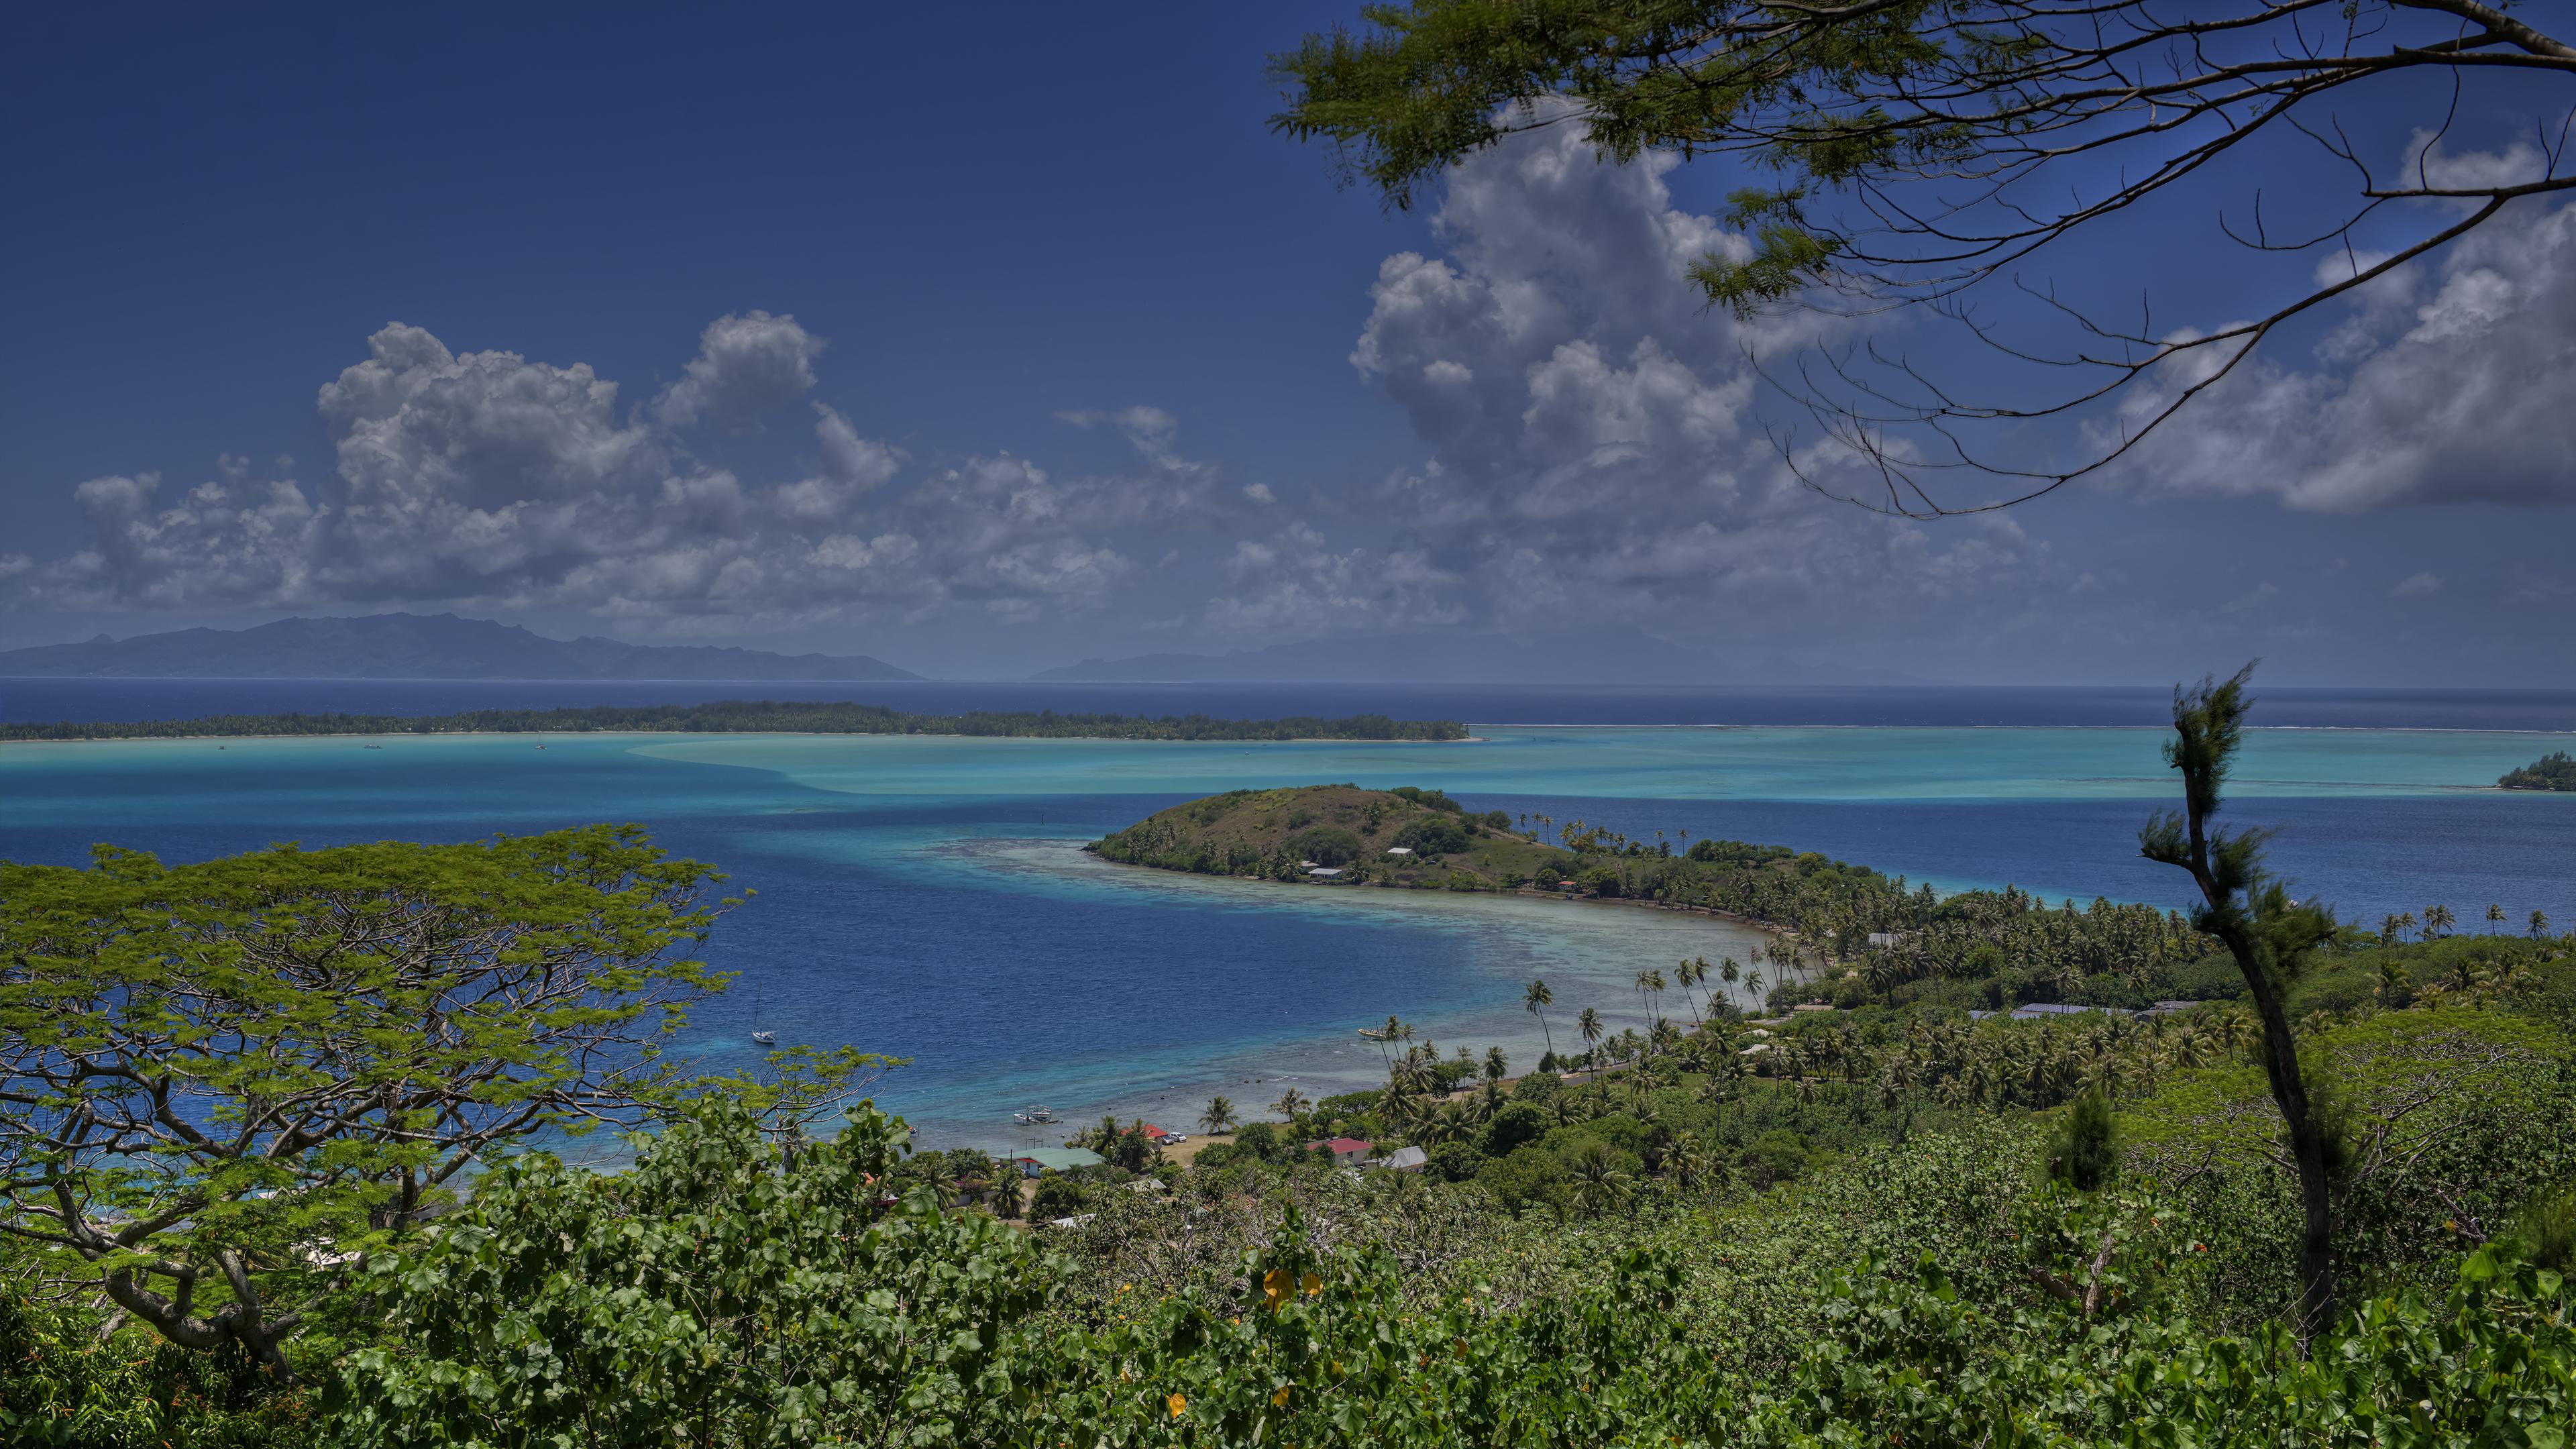 Bora Bora Coastline